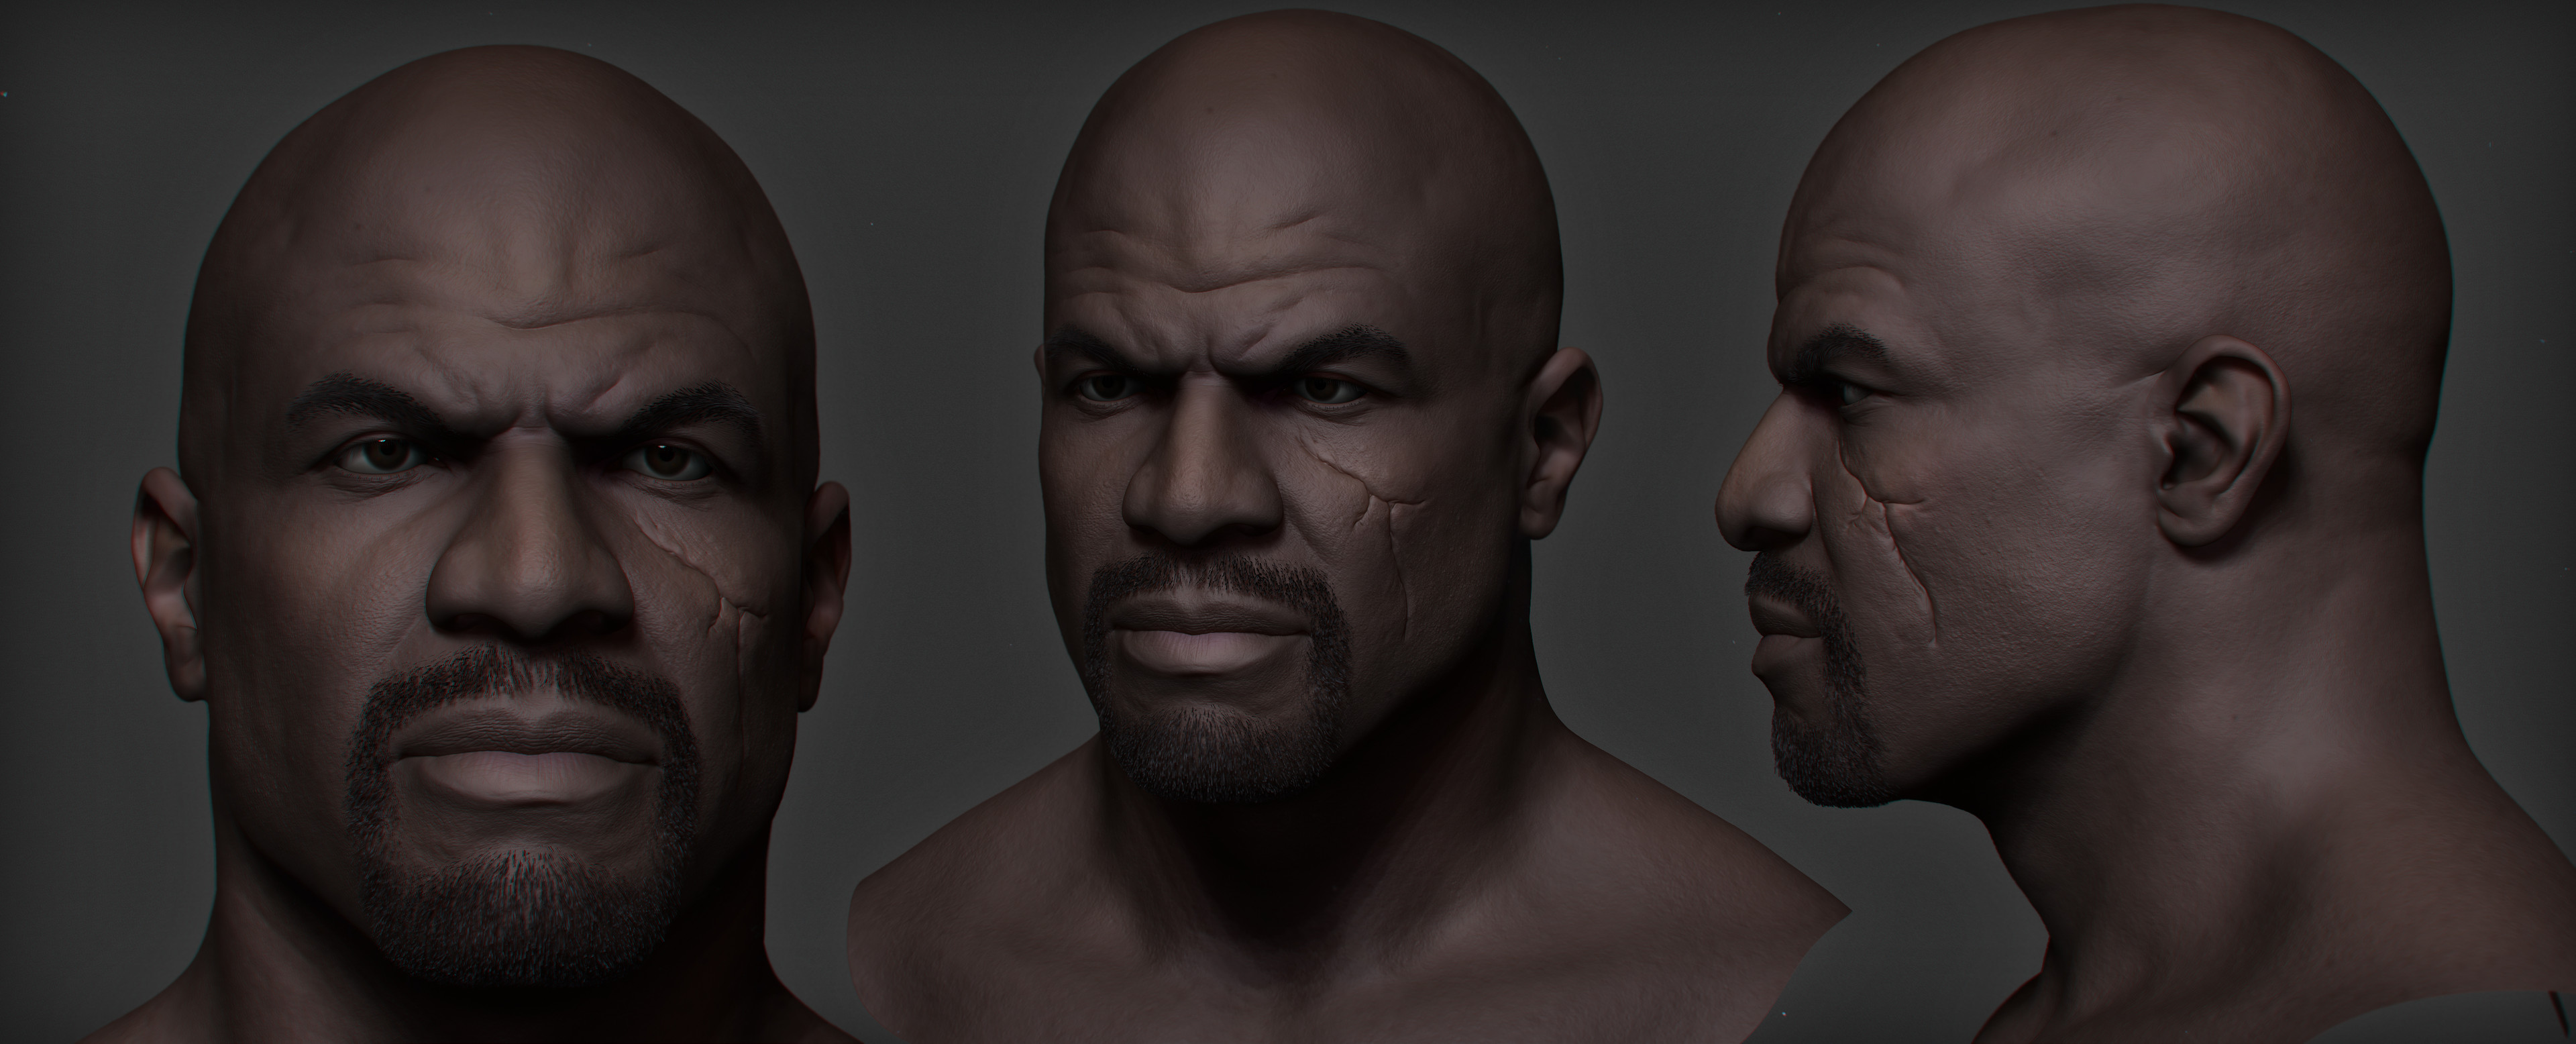 Head sculpt. High poly